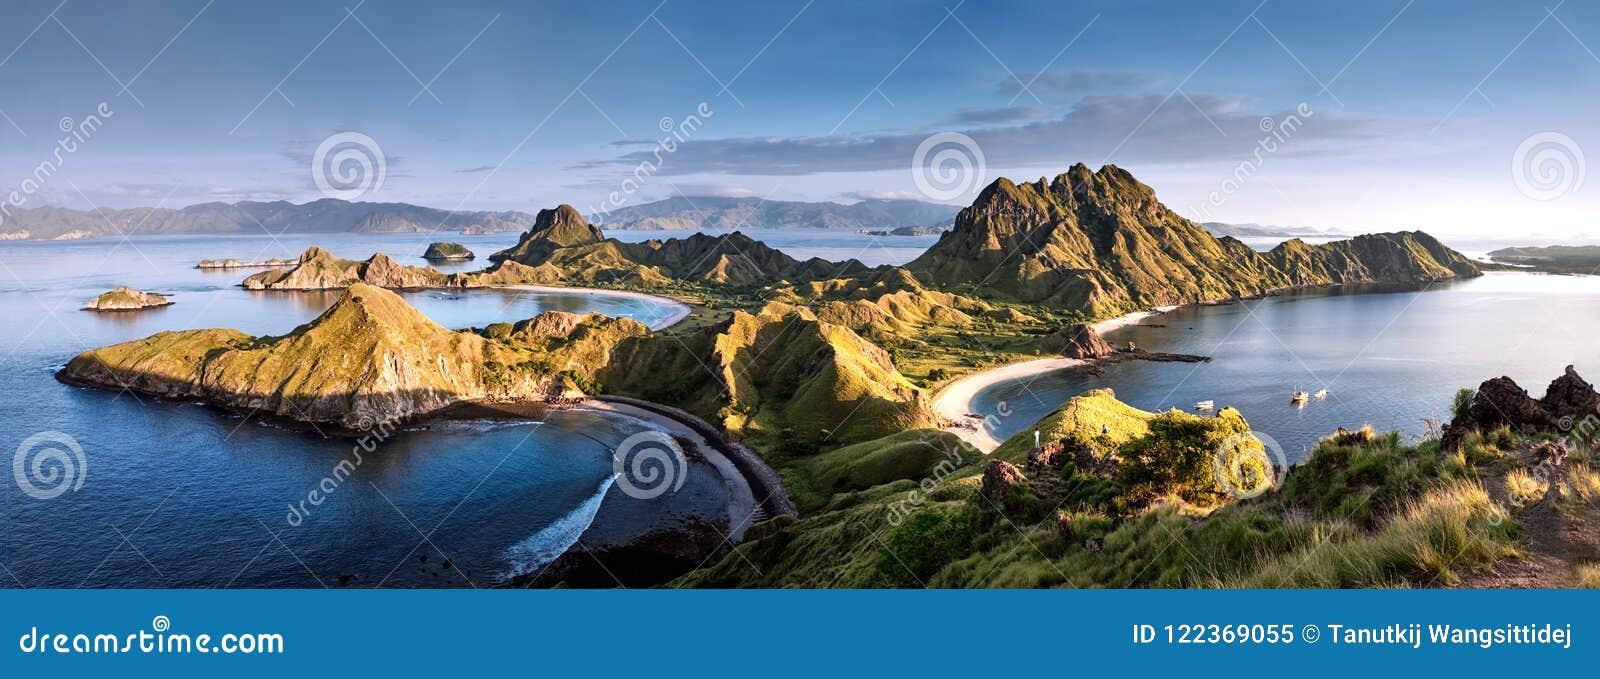 Πανοραμική θερμή άποψη στην κορυφή του νησιού ` ` Padar στην ανατολή αργά το πρωί από το νησί Komodo, εθνικό πάρκο Komodo, Labuan